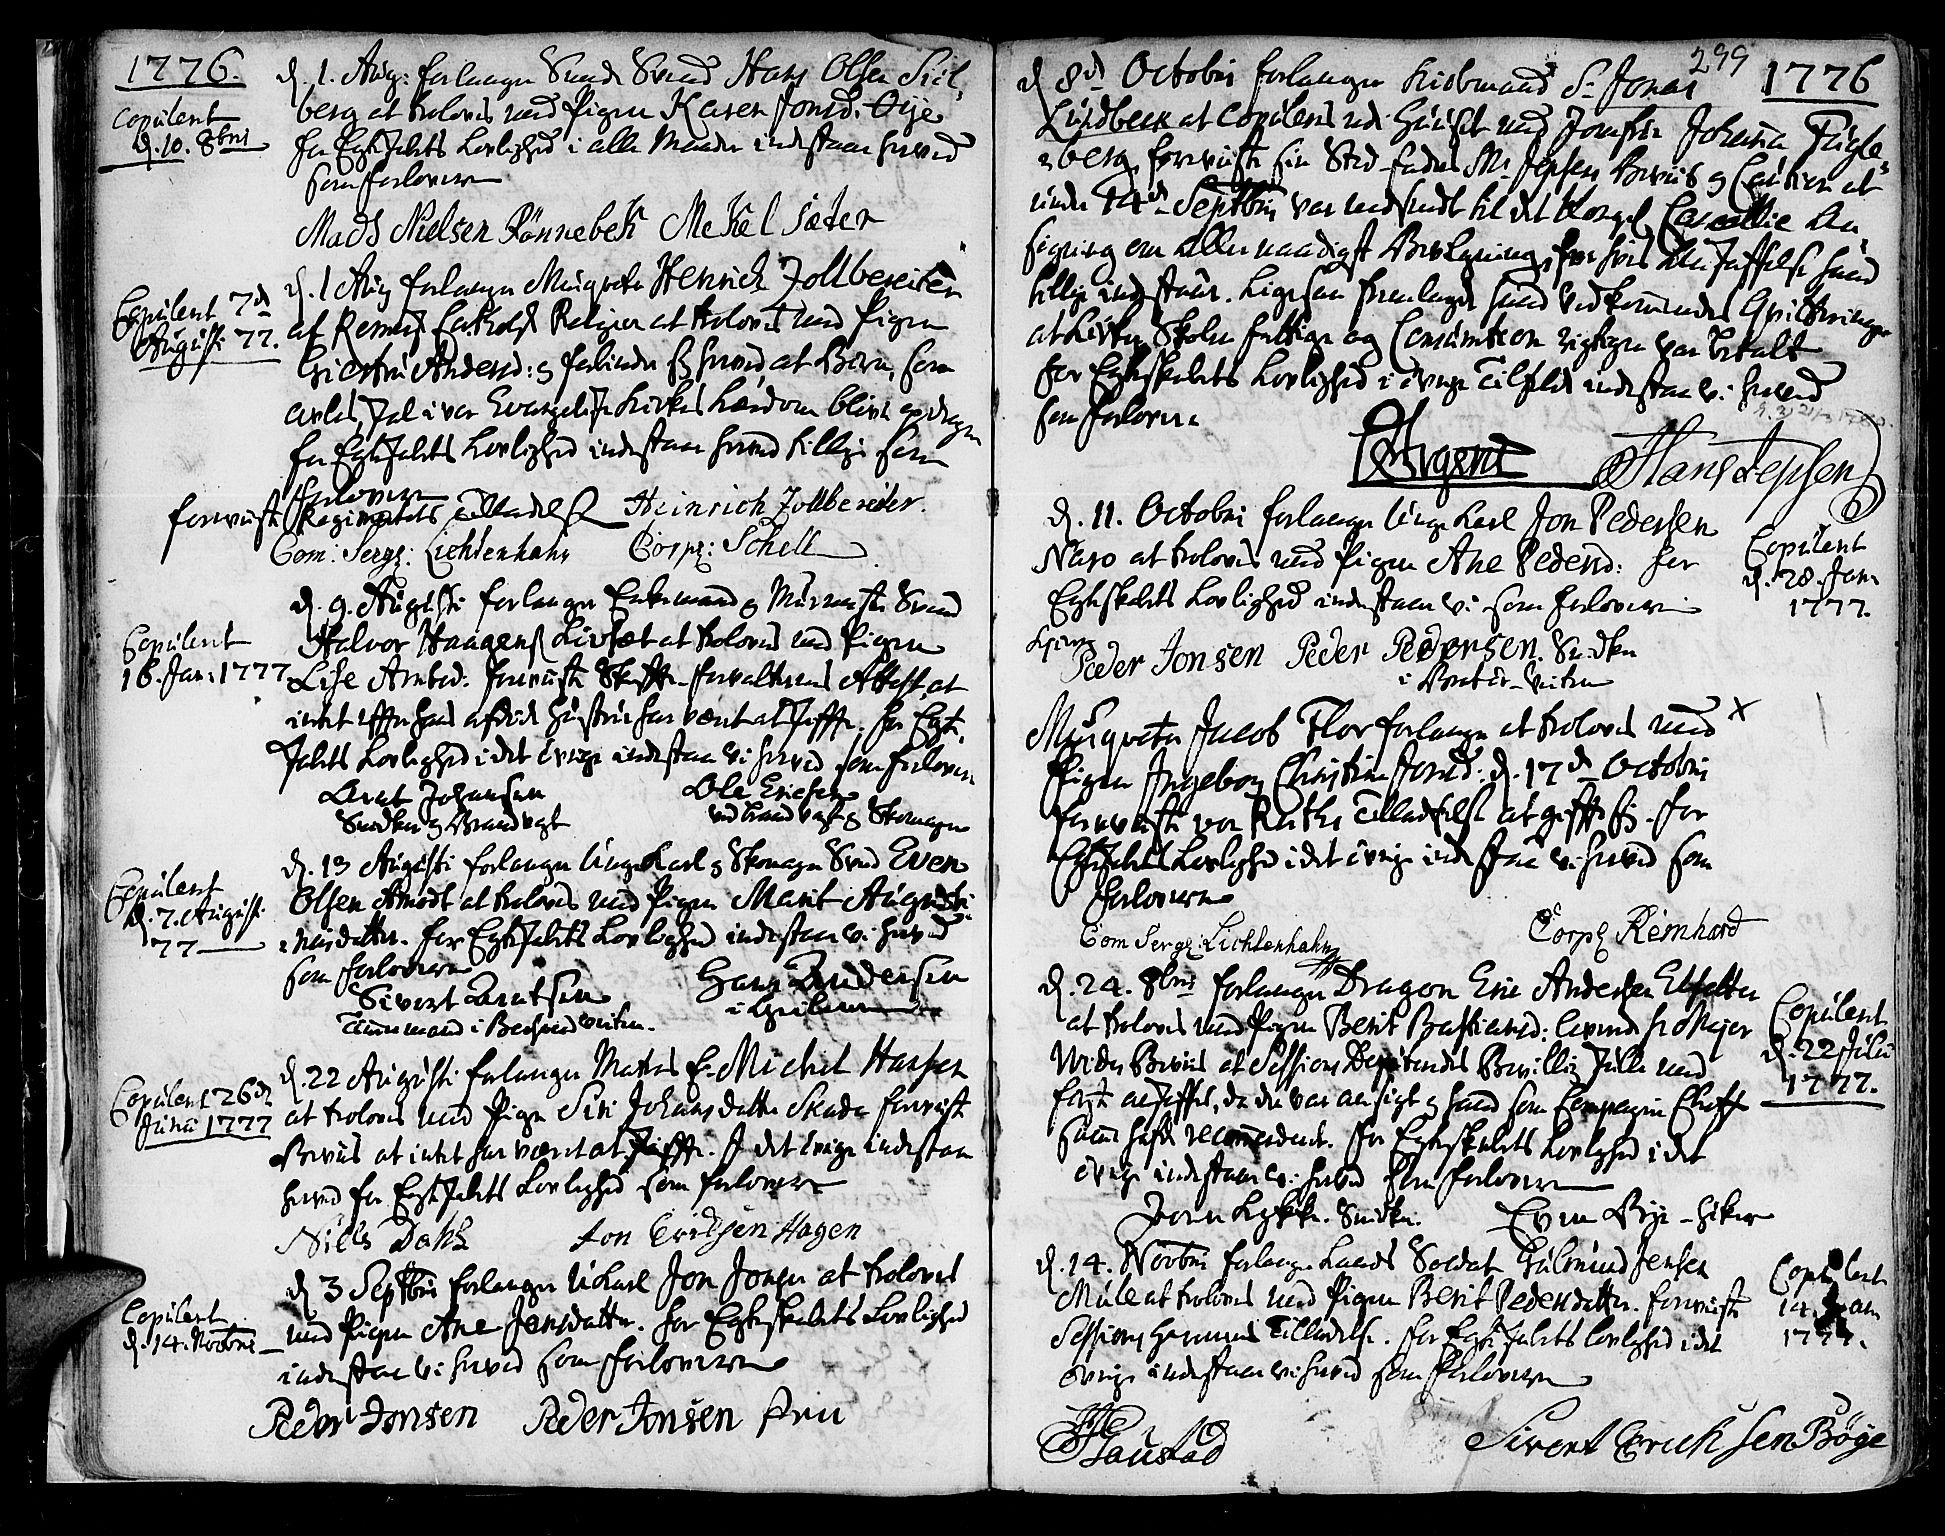 SAT, Ministerialprotokoller, klokkerbøker og fødselsregistre - Sør-Trøndelag, 601/L0038: Ministerialbok nr. 601A06, 1766-1877, s. 299